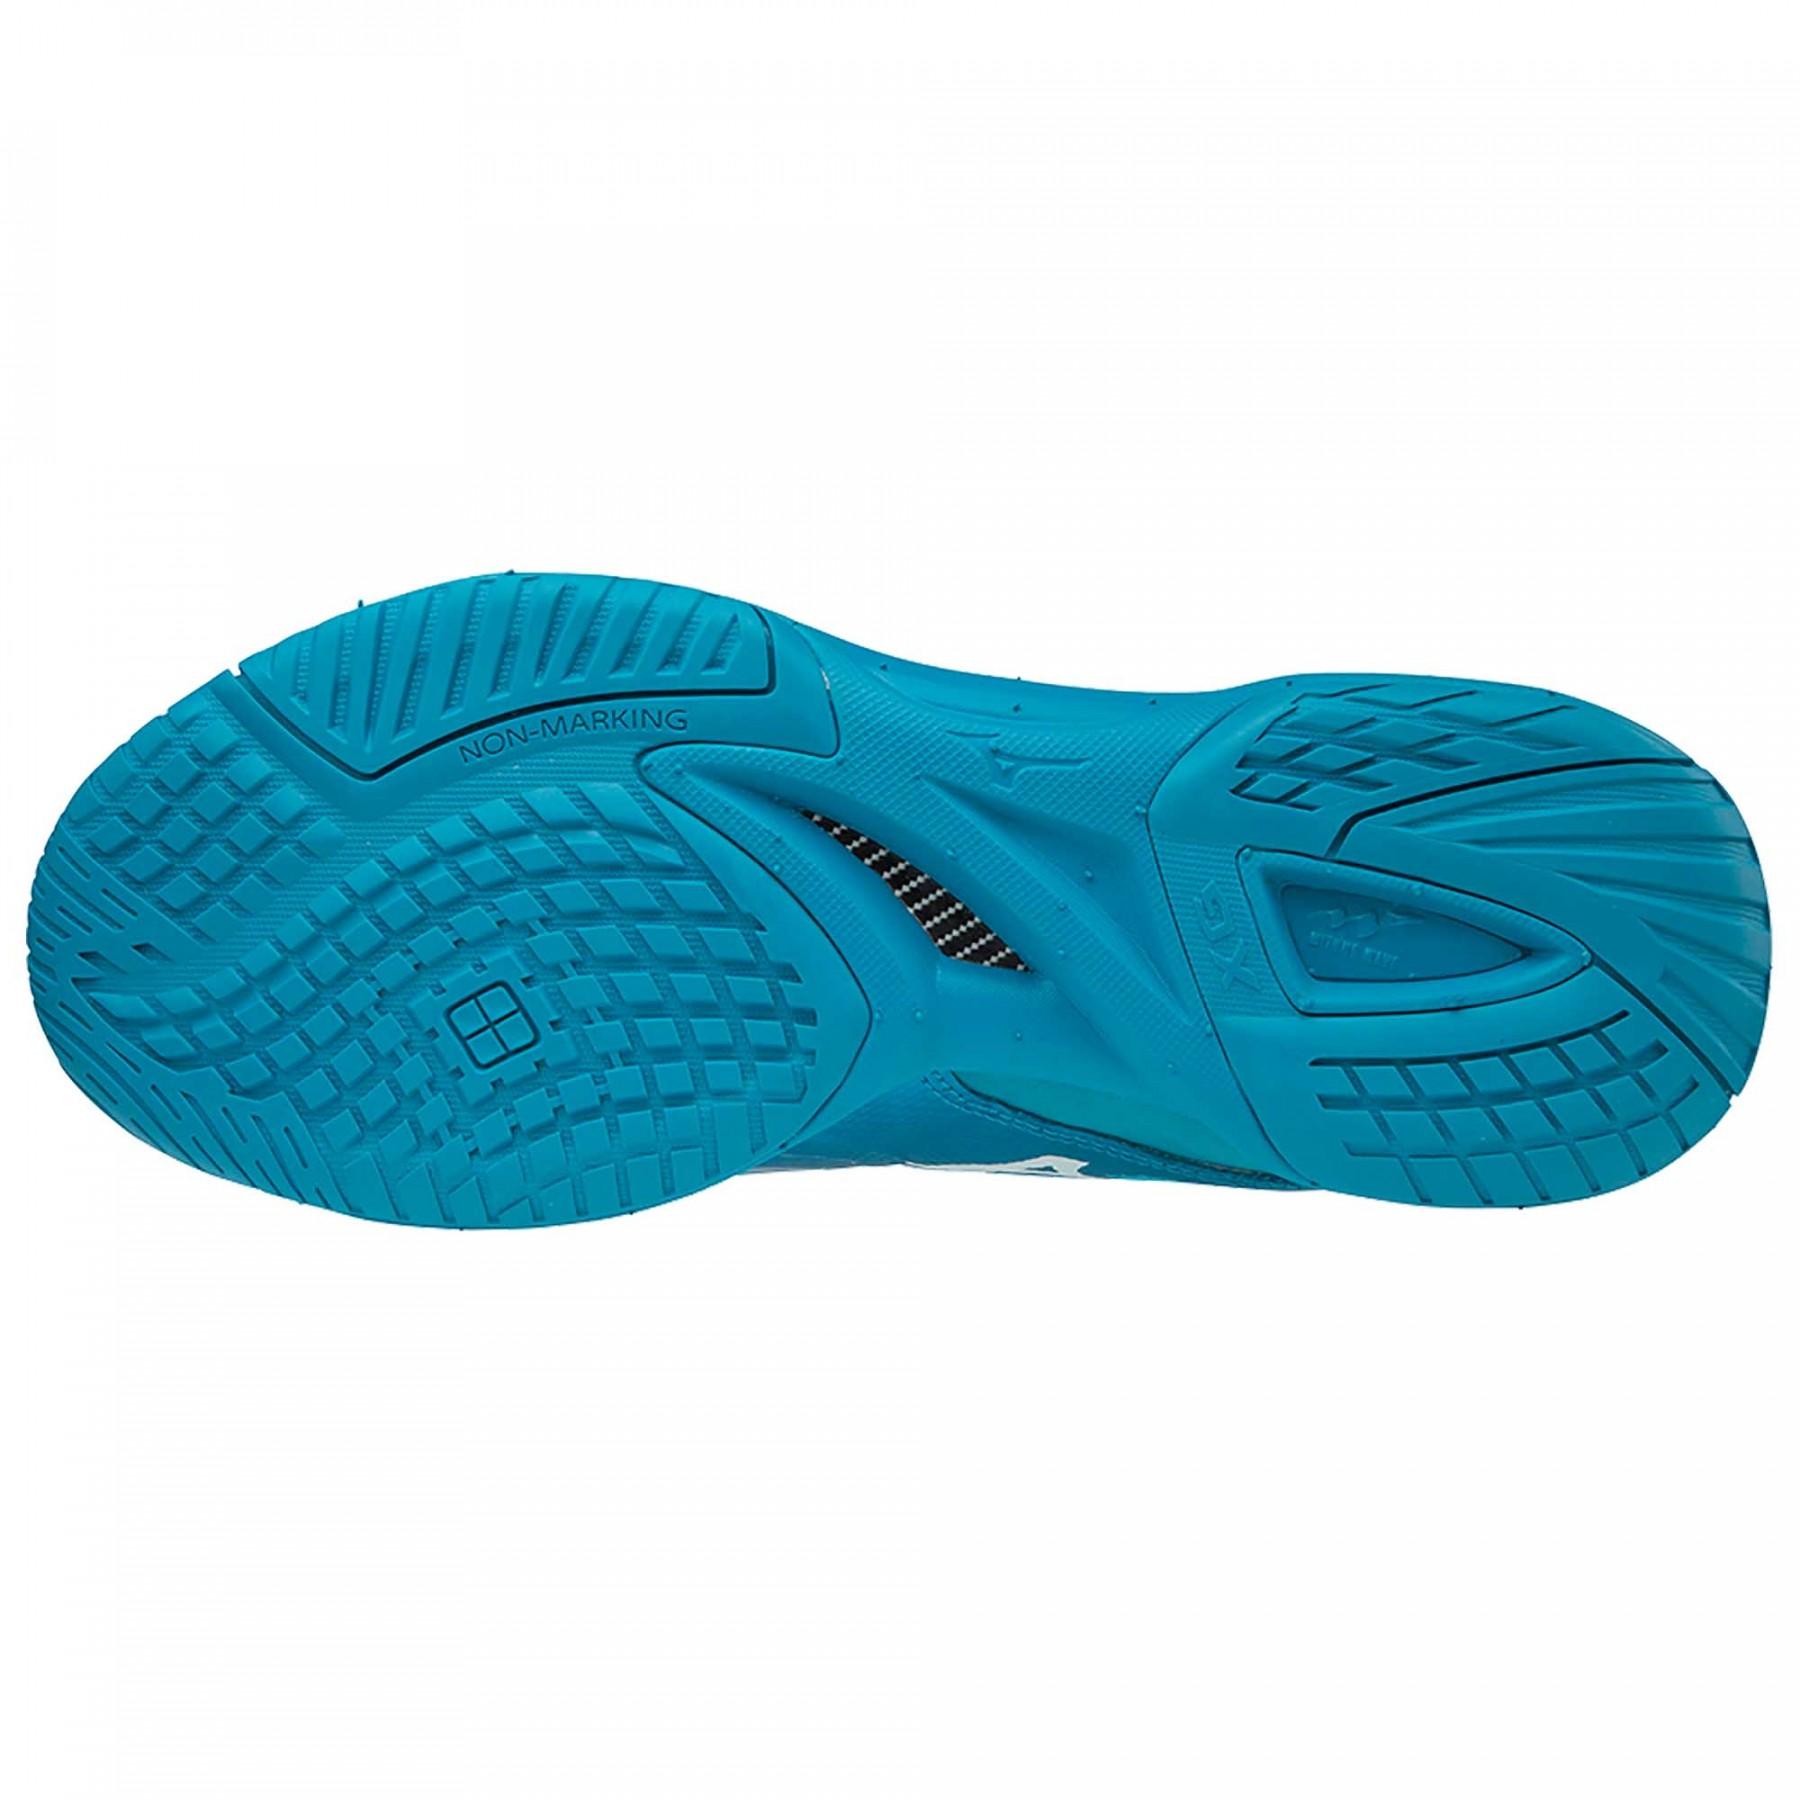 Mizuno Schuh Socken Gratis Wave Tt Shop Paar Neo1 Frija Drive 2YWDHIbeE9